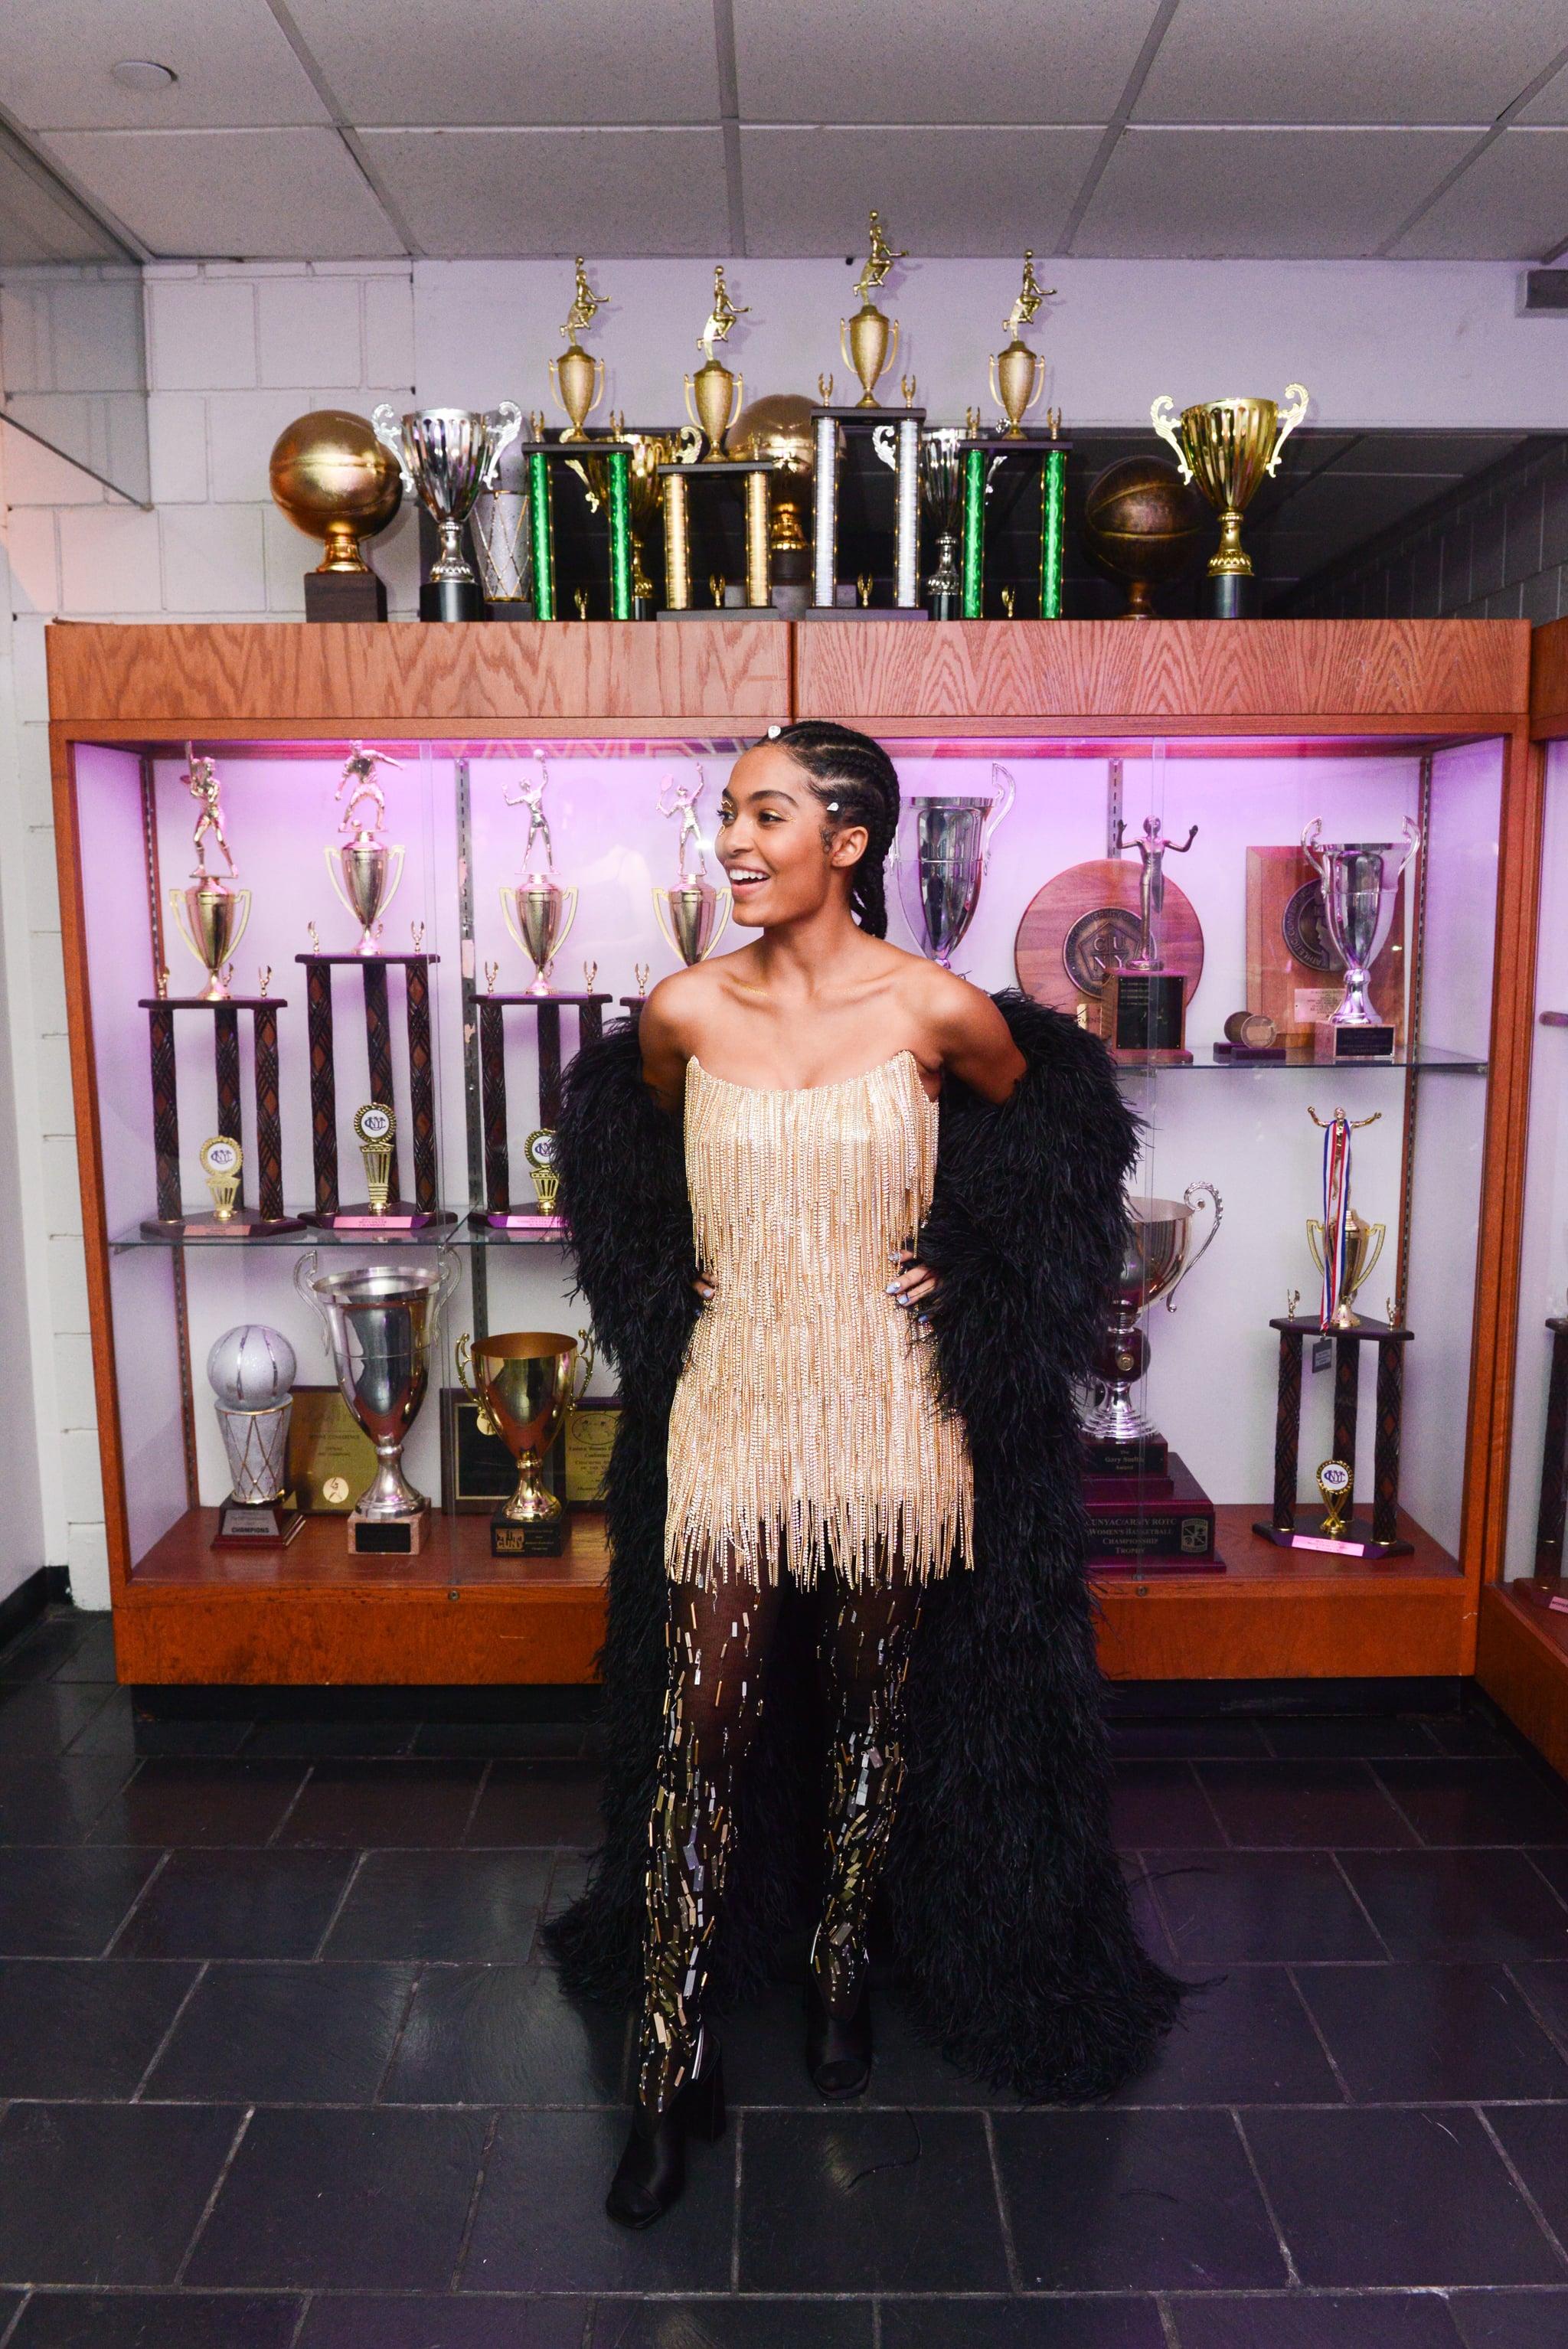 Yara Shahidi At The Gucci Met Gala Afterparty The Met Gala Afterparty Had Its Own Unofficial Theme Glitz And Glam Popsugar Fashion Photo 108